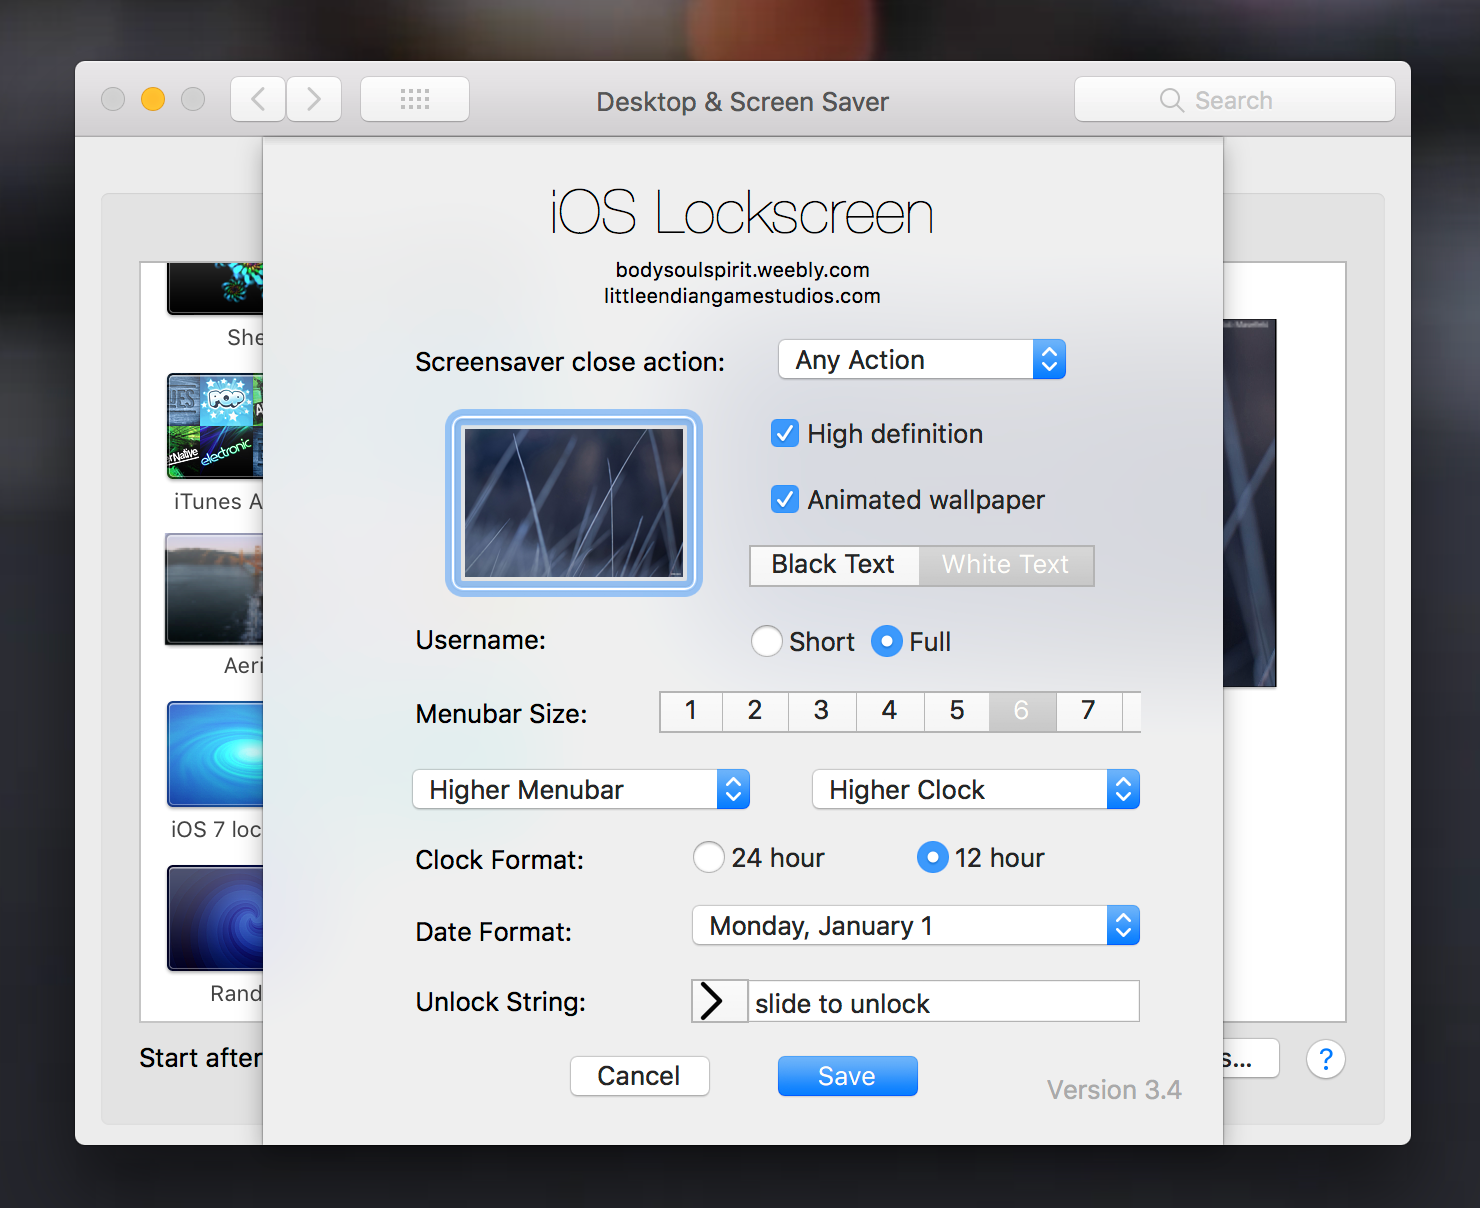 Tweak the screen saver settings